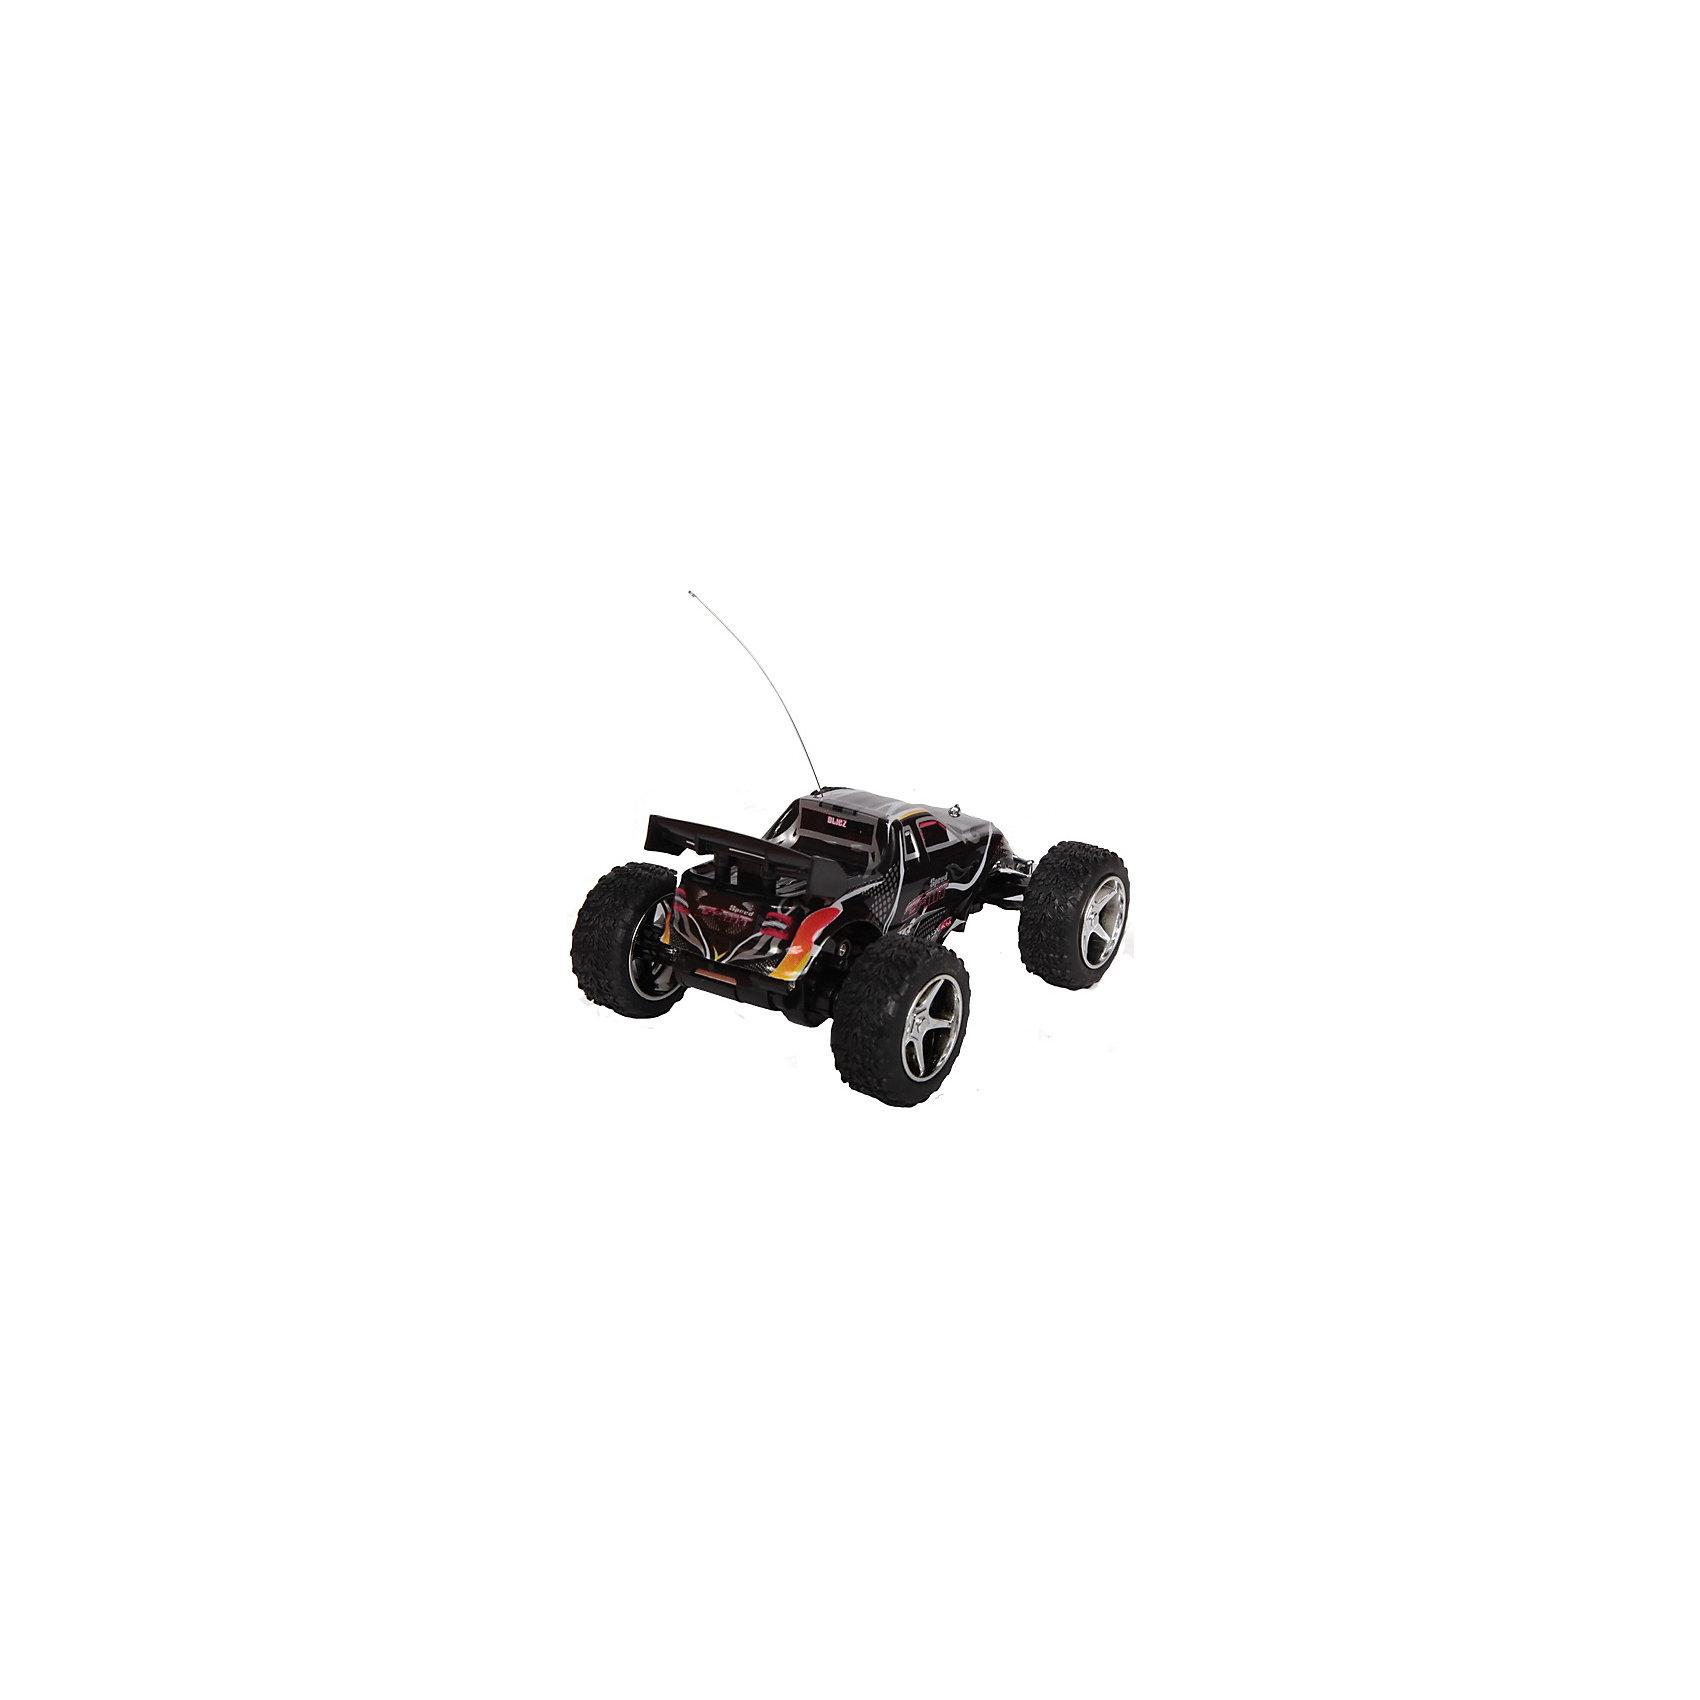 Автомобиль на р/у Speed Racer, черный, WL ToysРадиоуправляемый транспорт<br>Характеристики товара:<br><br>• возраст от 6 лет;<br>• материал: пластик;<br>• в комплекте: автомобиль, пульт дистанционного управления, 20 дорожных конусов, антенна ПДУ, лента для создания защитного кольца, инструкция;<br>• пульт работает от батареек АА (в комплекте);<br>• размер упаковки 11,5х7х4,5 см;<br>• вес упаковки 562 гр.;<br>• страна производитель: Китай.<br><br>Автомобиль «Speed Racer» WL Toys черный — удивительный автомобиль на радиоуправлении, который умеет исполнять самые сложные трюки, прыгать с трамплина, выполнять сложные сальто и развороты. Машина оснащена 5 разными скоростными режимами, тюнингом, защитой от ударов. При помощи пульта регулируется скорость движения и торможение. Во время движения может достигать скорости до 30 км/час. С таким невероятным автомобилем мальчишки могут устроить захватывающие заезды и гонки.<br><br>Автомобиль «Speed Racer» WL Toys черный можно приобрести в нашем интернет-магазине.<br><br>Ширина мм: 115<br>Глубина мм: 70<br>Высота мм: 45<br>Вес г: 562<br>Возраст от месяцев: 72<br>Возраст до месяцев: 2147483647<br>Пол: Мужской<br>Возраст: Детский<br>SKU: 5581244